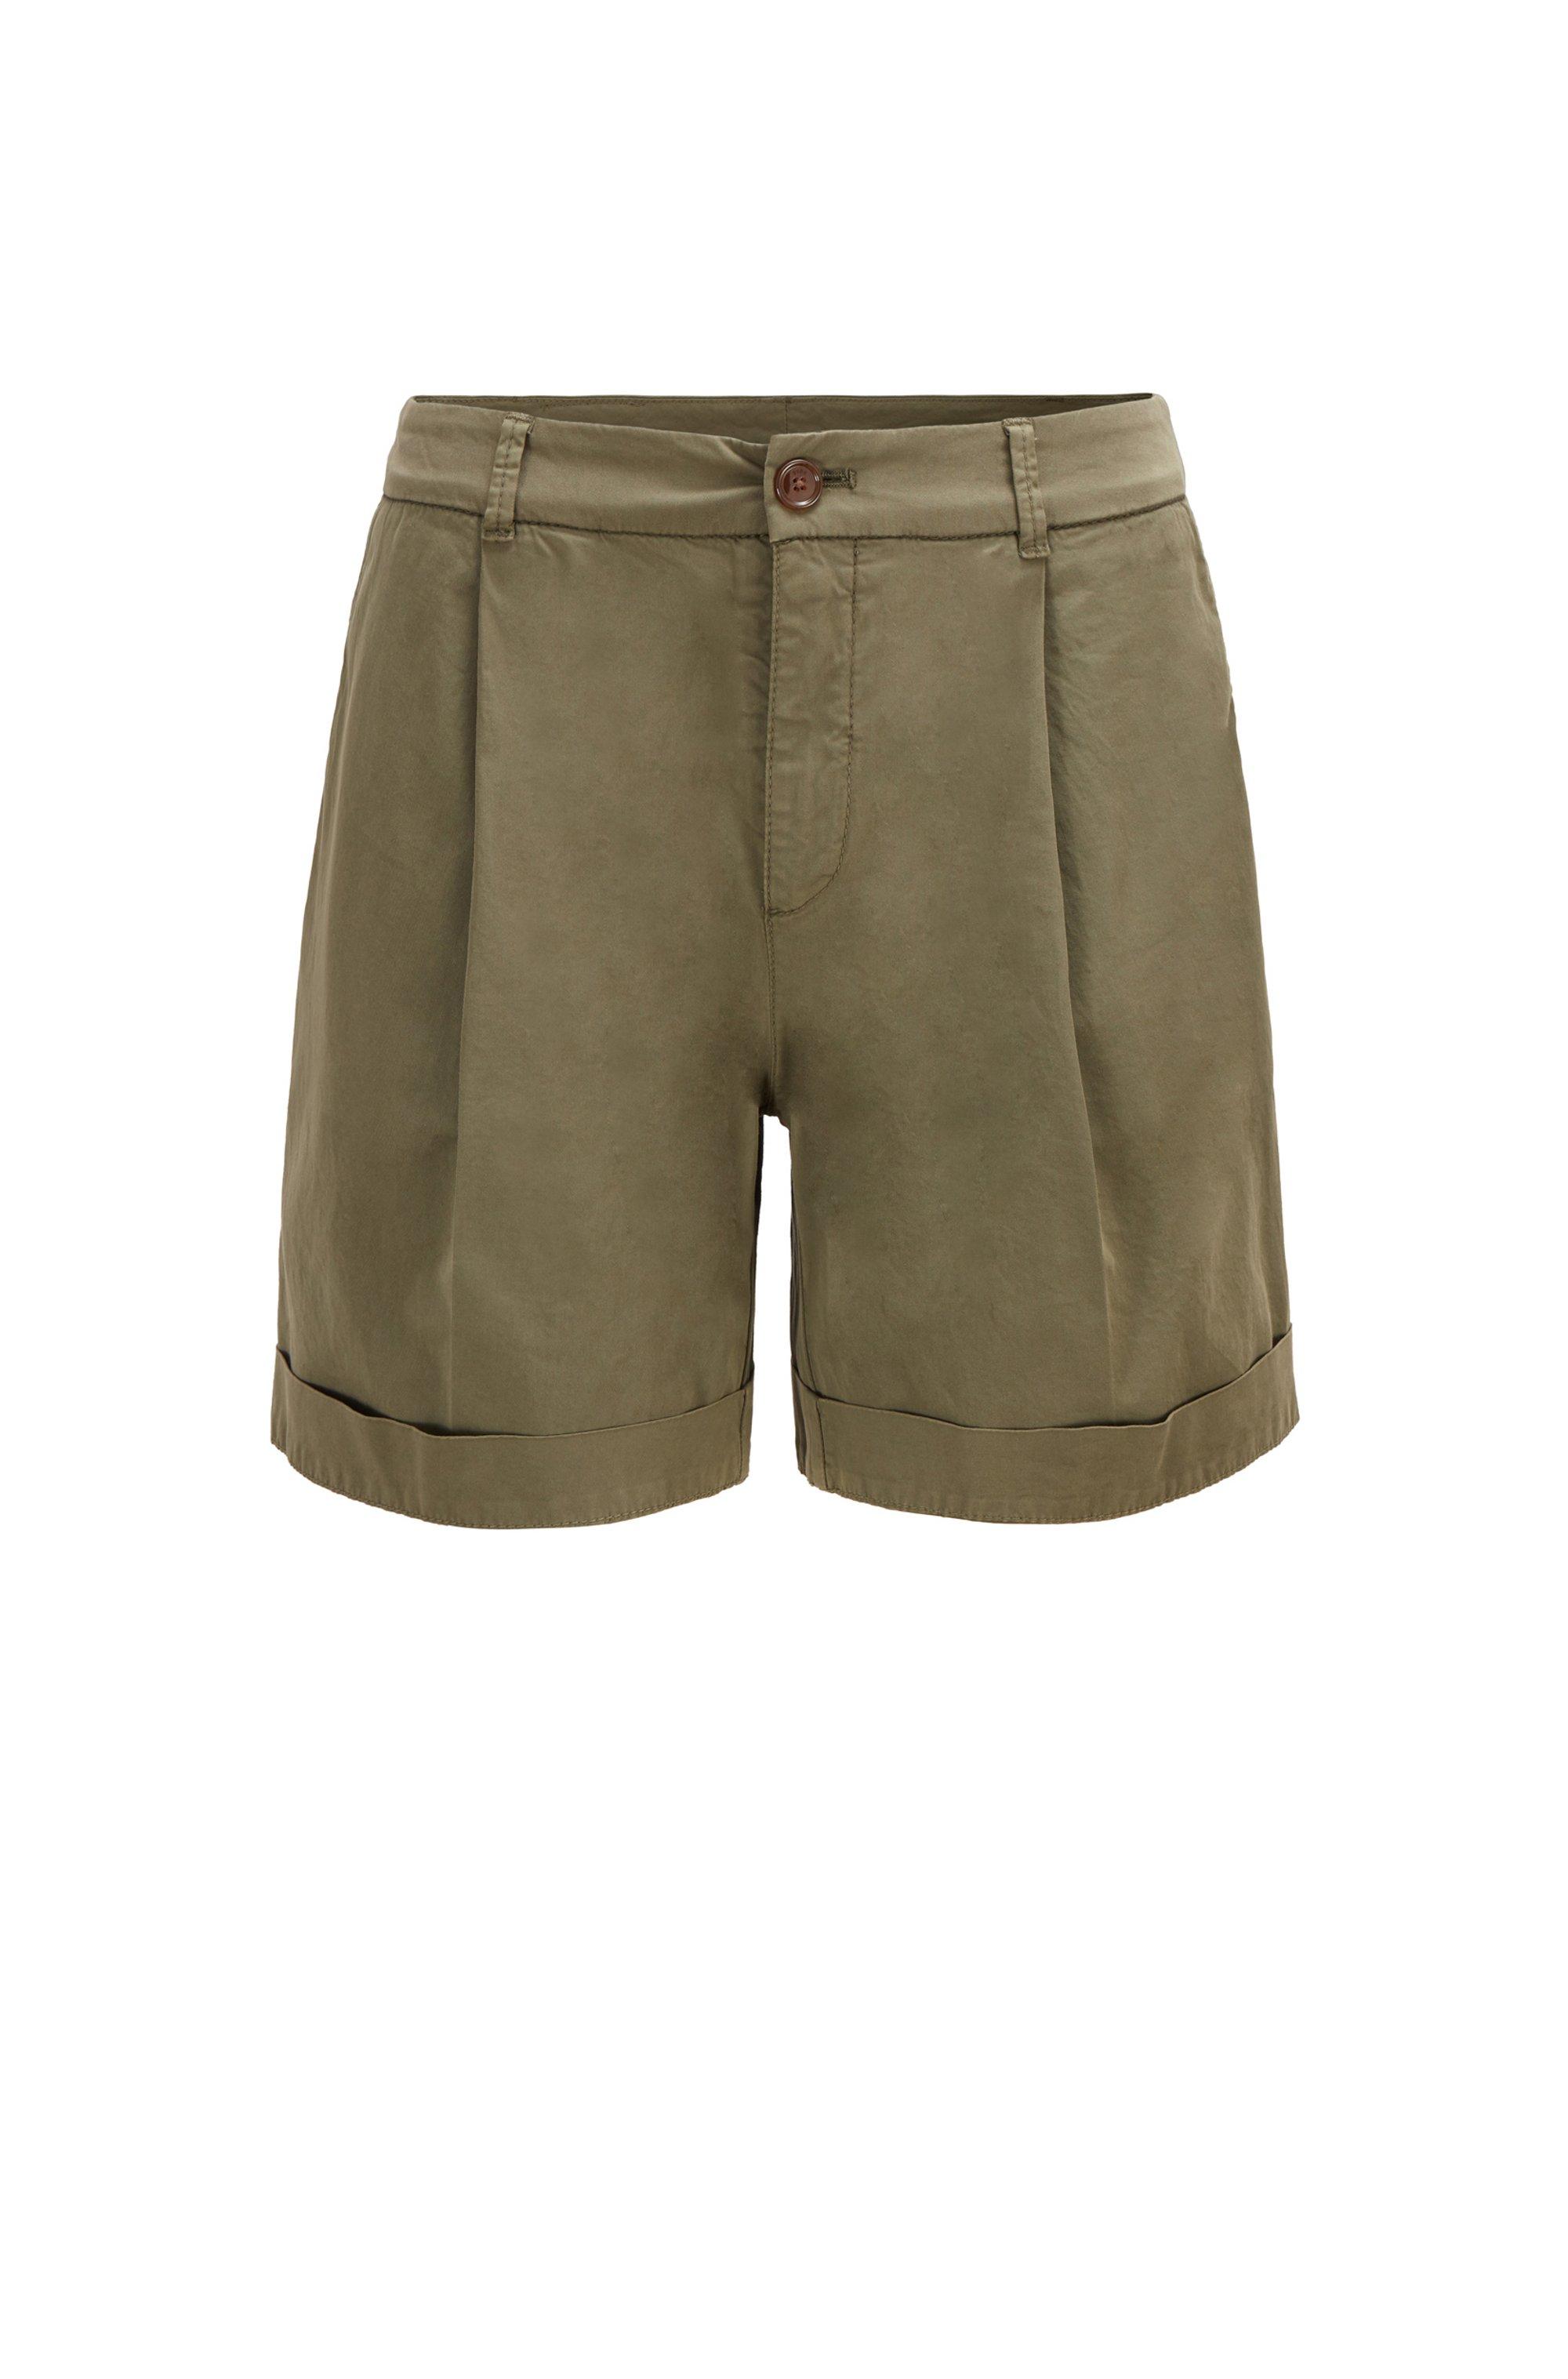 Relaxed-Fit Chino-Shorts aus elastischer Bio-Baumwolle, Khaki